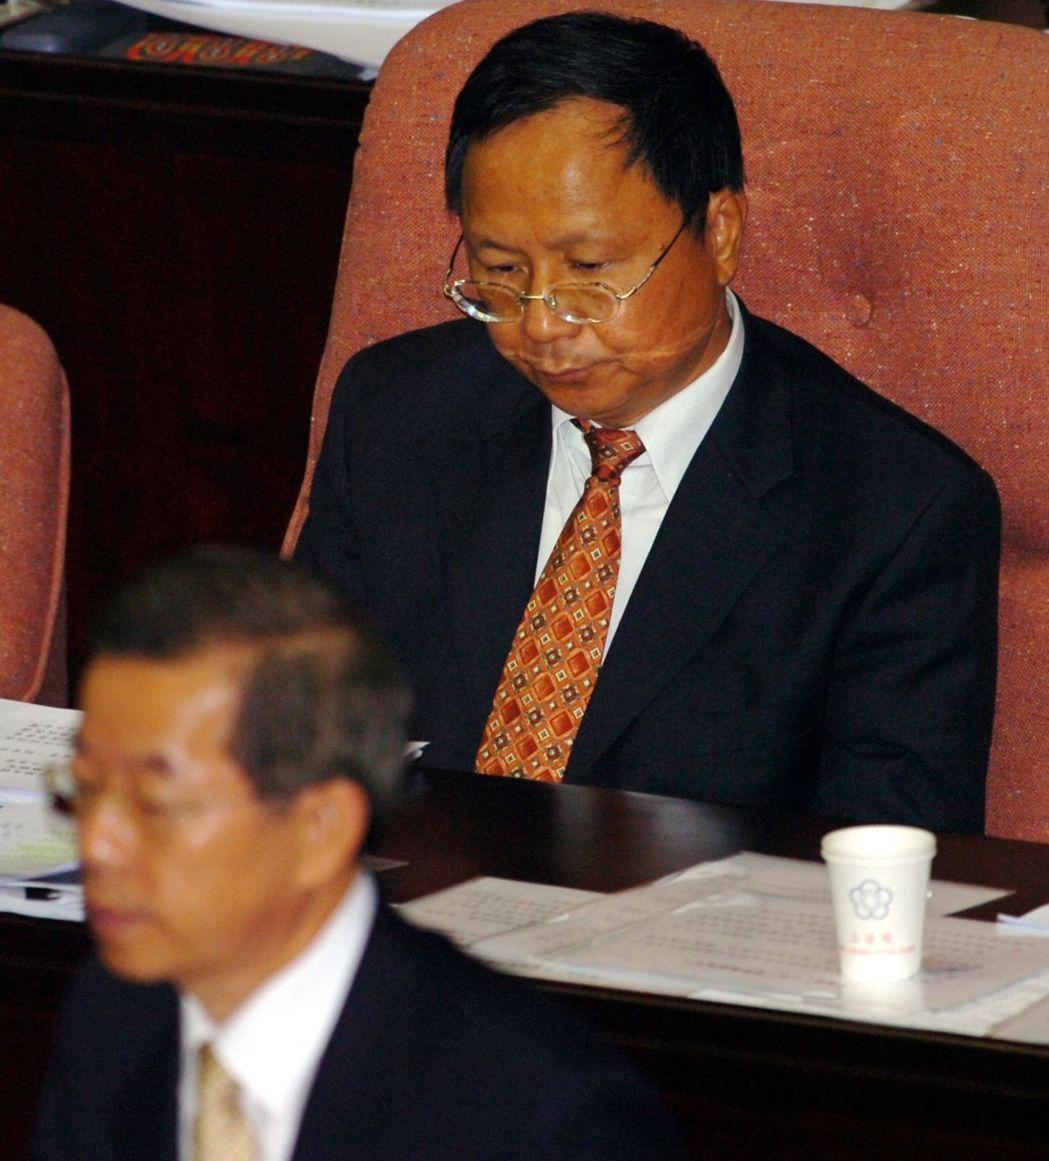 黃光彩校長被撤銷,當年閣揆謝長廷(前)說「我上任後就處理很快」。 圖/聯合報系資...